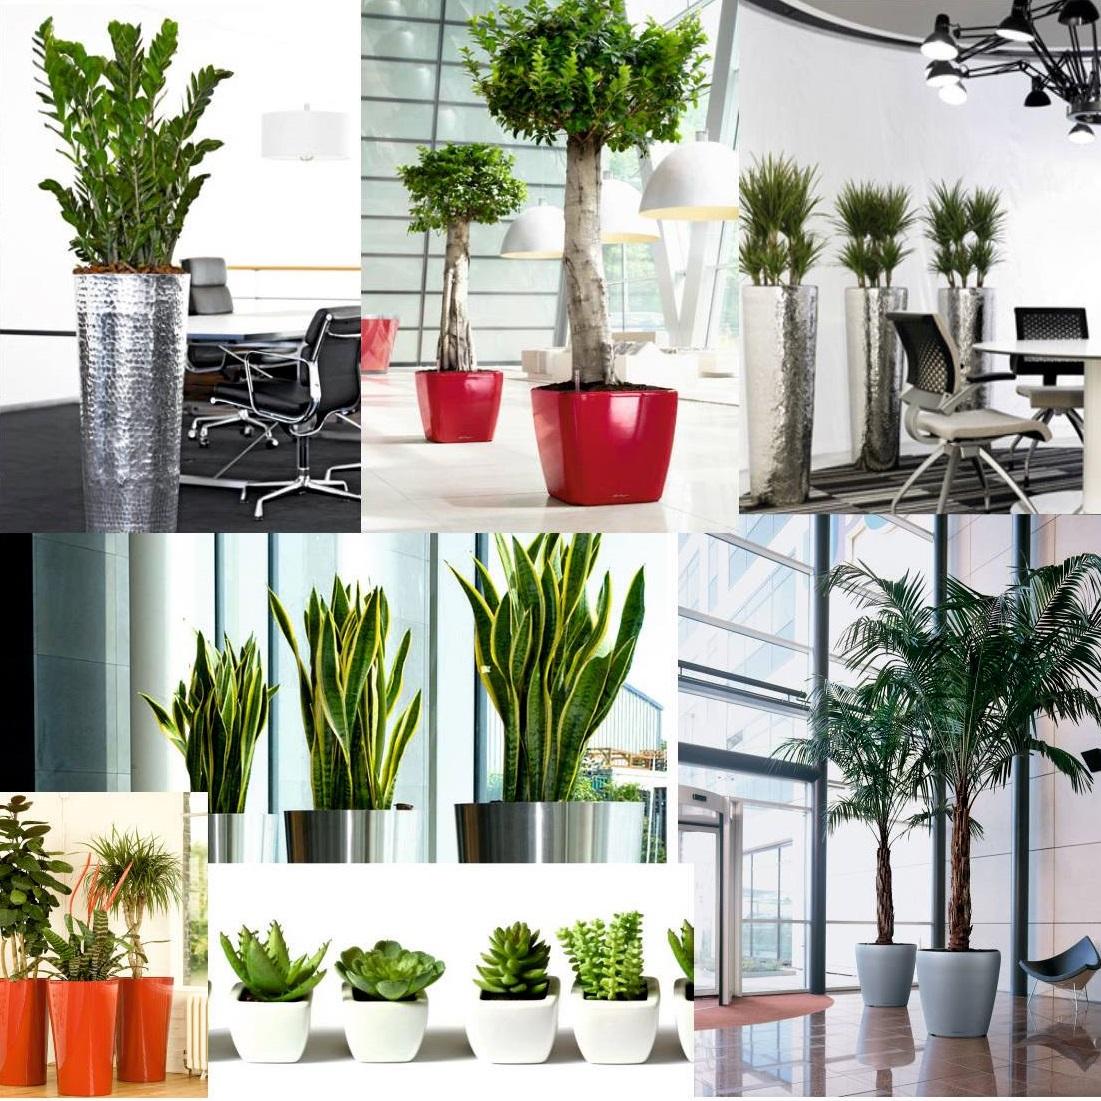 5 plante de interior care depolueaz aerul jurnalul verde for Plante de interior